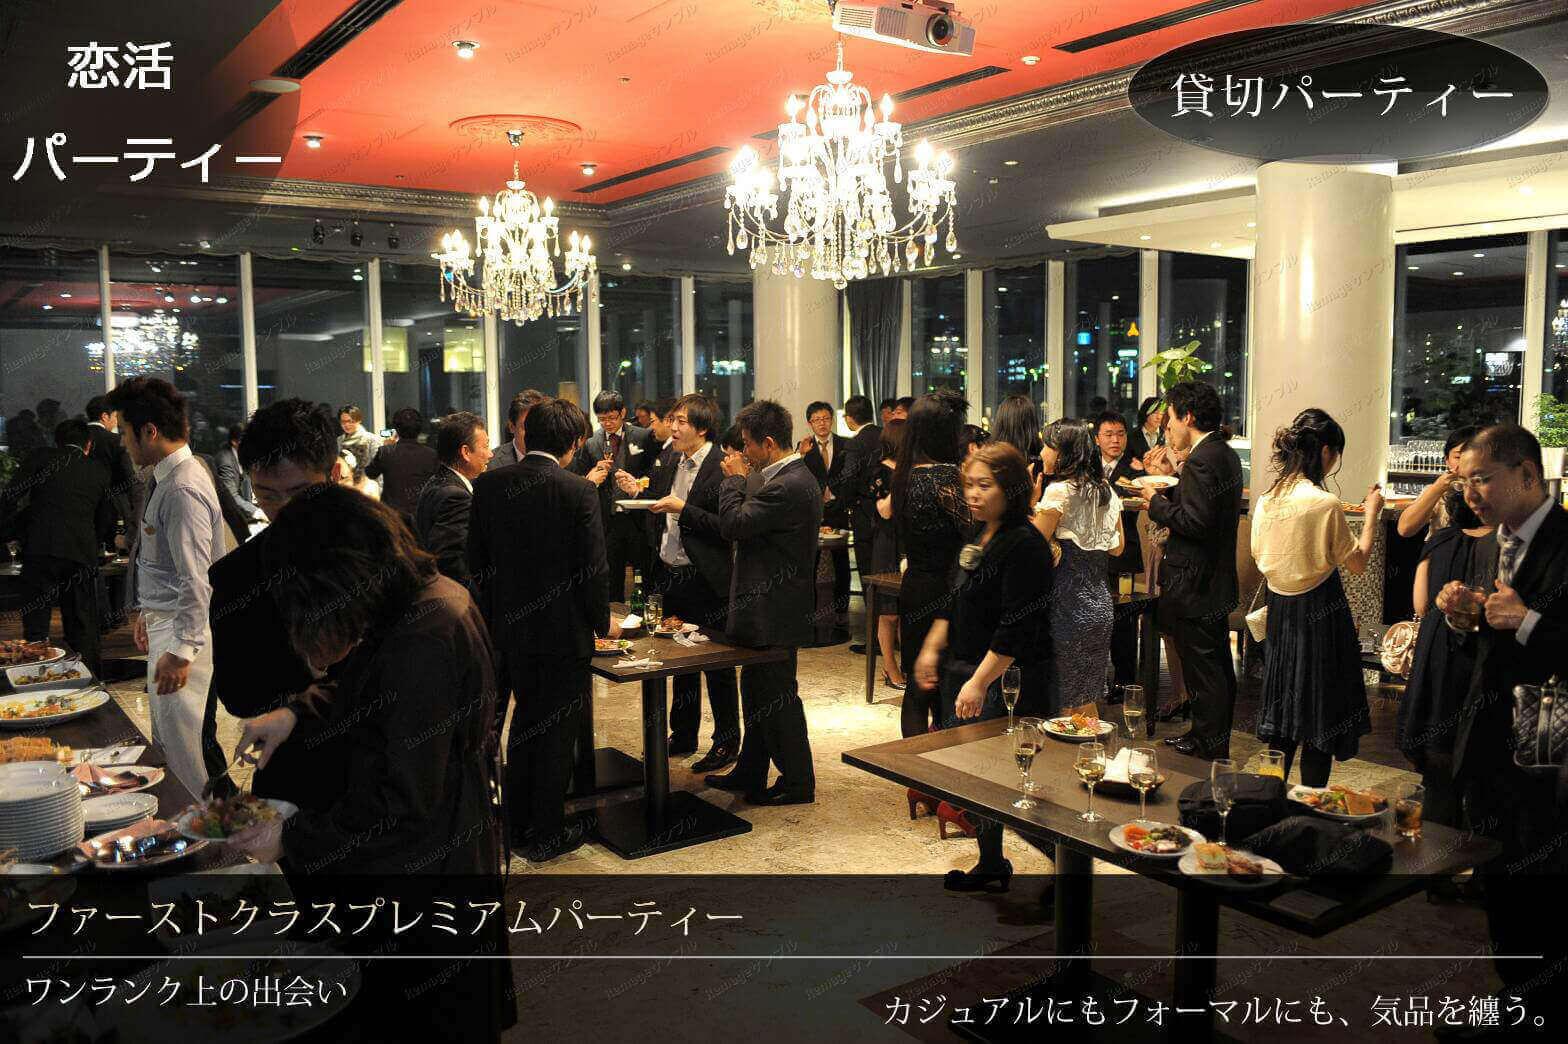 【仙台の恋活パーティー】ファーストクラスパーティー主催 2017年4月22日